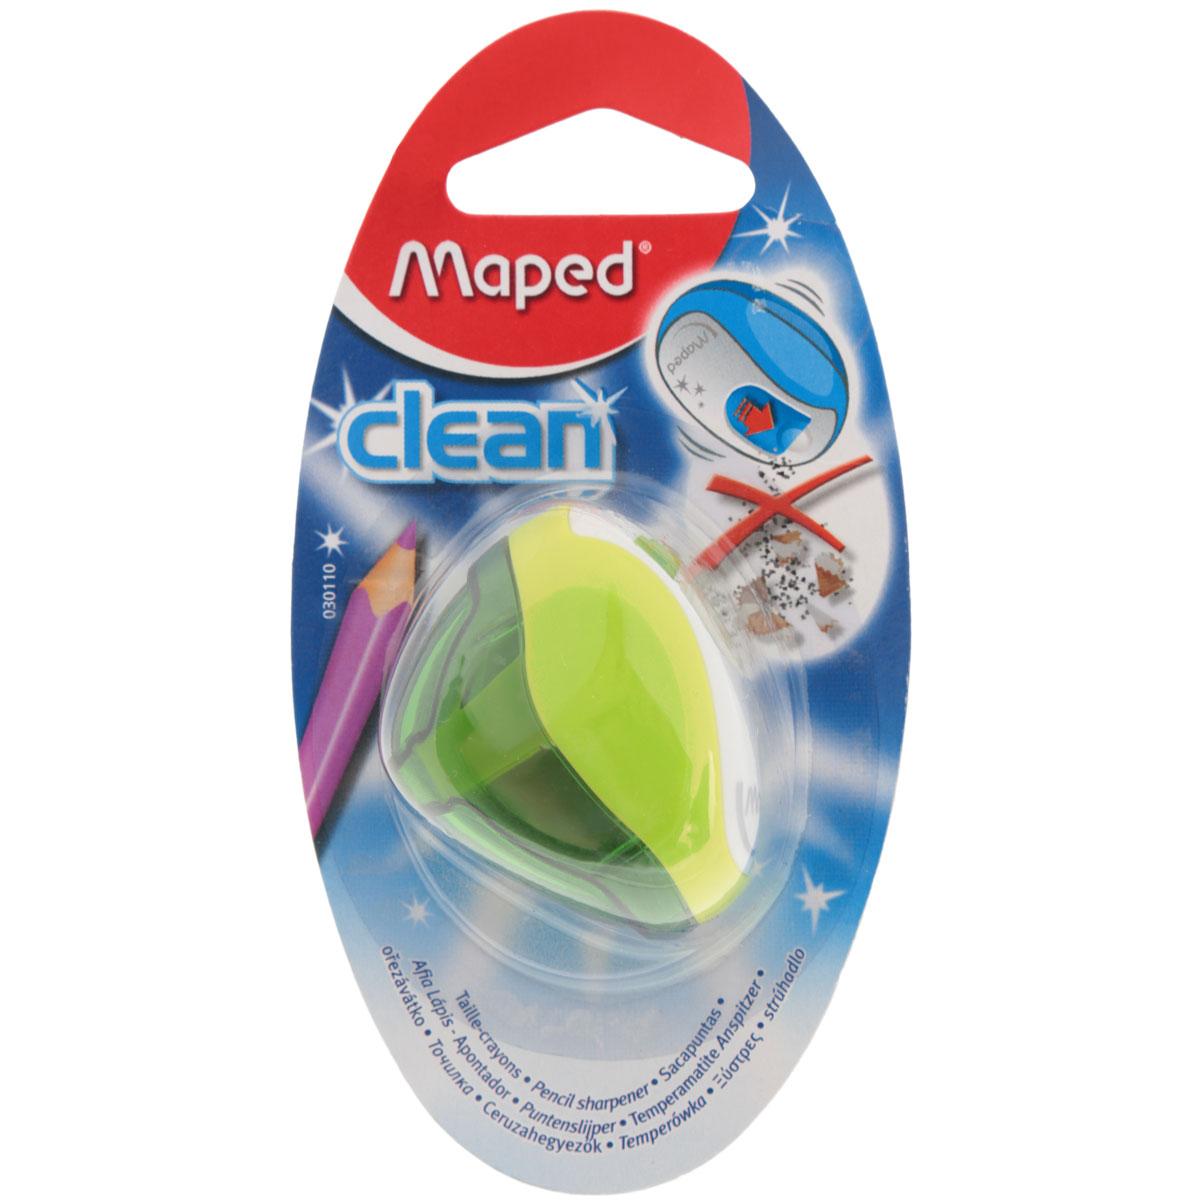 Точилка Maped Clean, с контейнером, цвет: салатовый30110_салатовыйТочилка Maped Clean с прозрачным ударостойким контейнером на одно отверстие. Точилка представлена в яркой цветовой гамме. С точилкой Maped Clean не будет никаких опилок в пенале. Они легко поместятся в объемный контейнер, а отверстие над режущим конусом надежно защищено крышкой, открывающейся при нажатии.